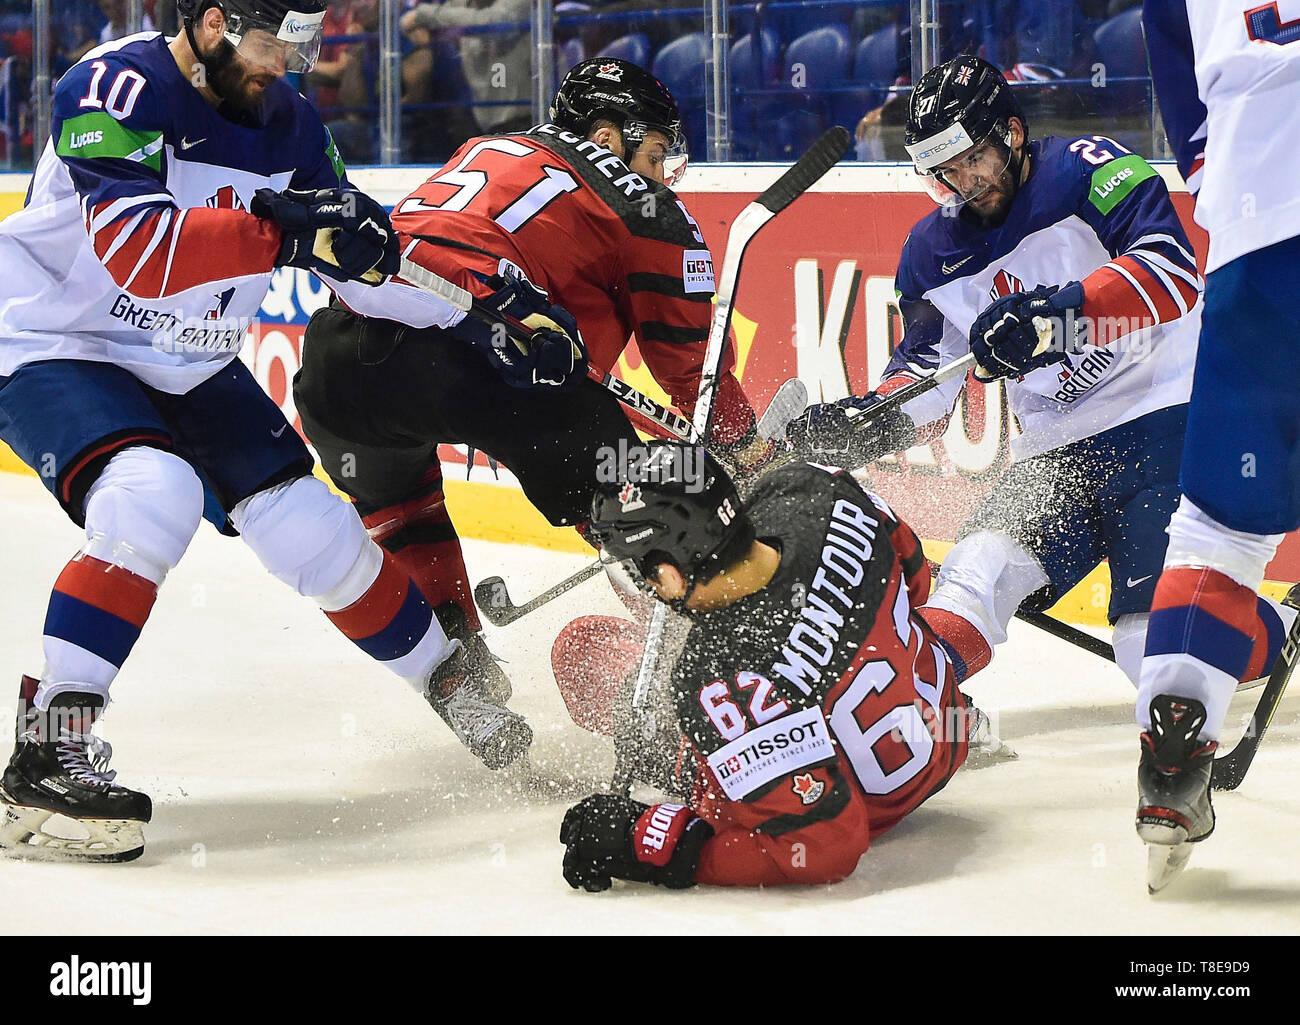 Ice Hockey Canada Fight Stock Photos Ice Hockey Canada Fight Stock